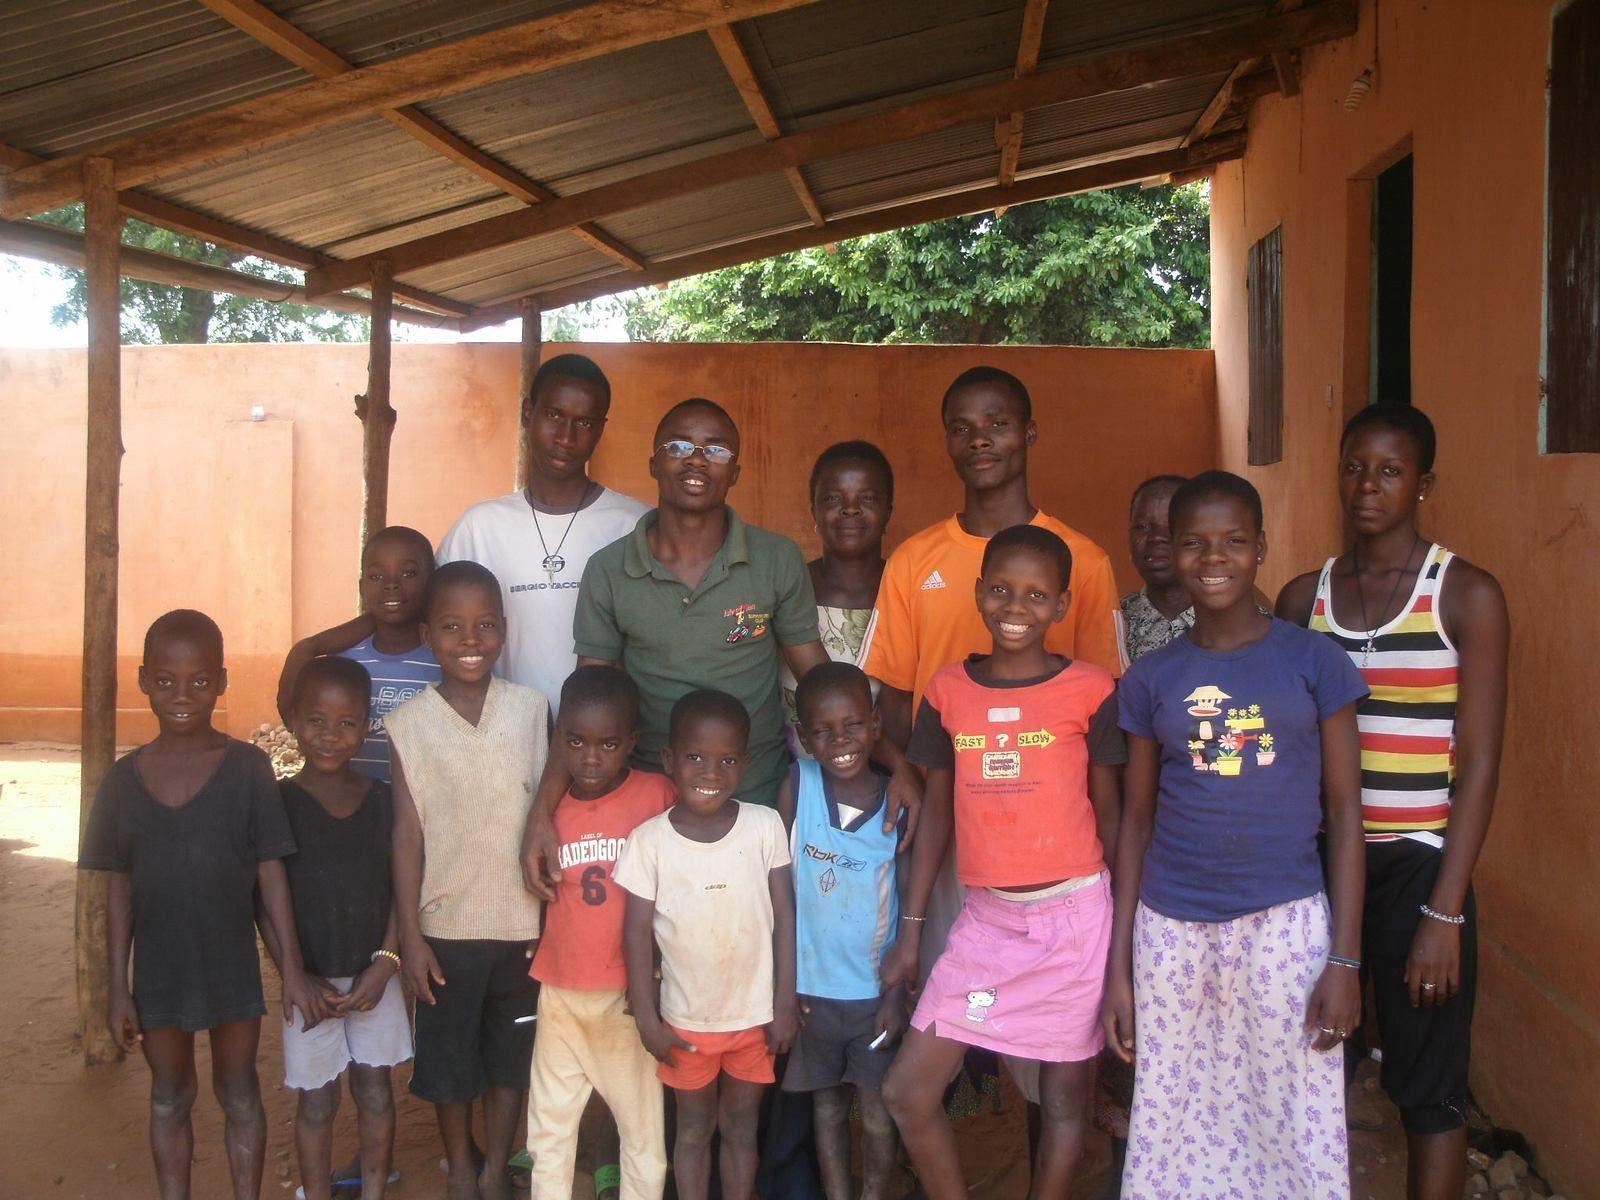 Avec les enfants de l'orphelinat,  nous vous souhaitons un  joyeux noël et nous vous remercions aussi pour vos messages d'encouragement et de soutiens - Aistide Zinsou